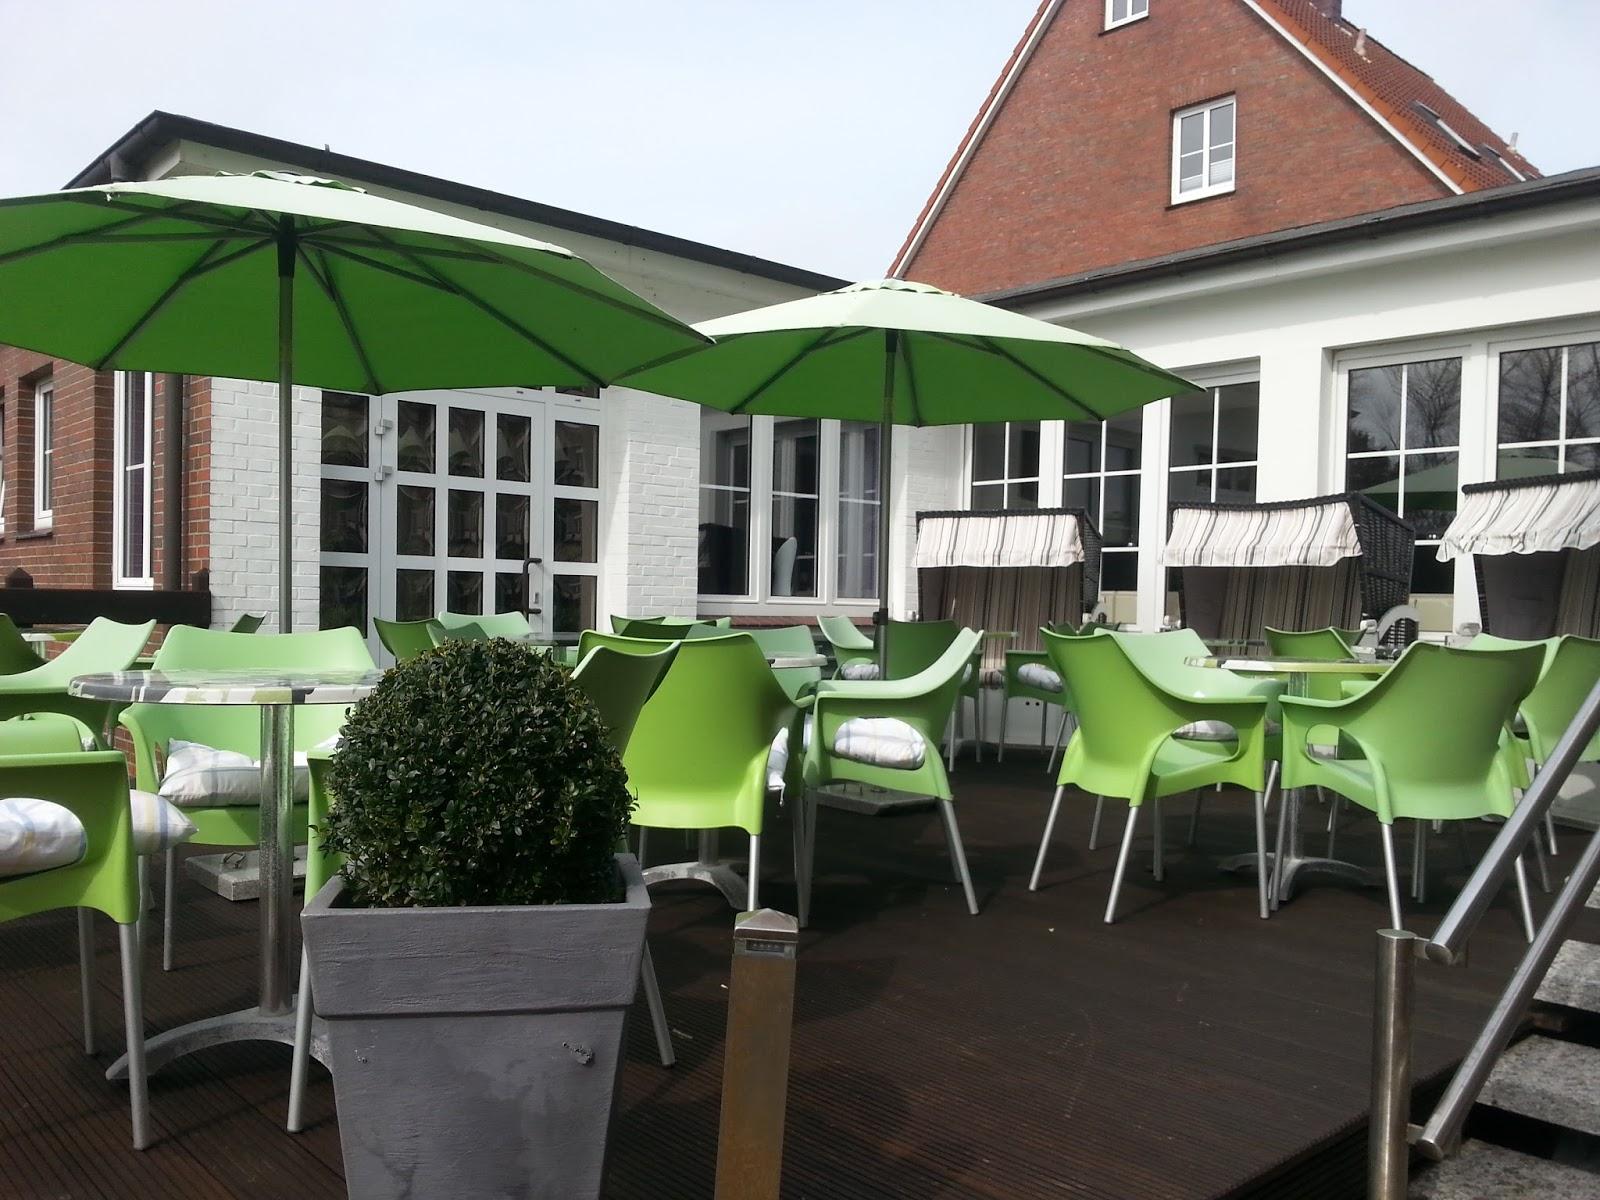 Das kleine testcaf hoteltest urlaub im retro design for Designhotel langeoog